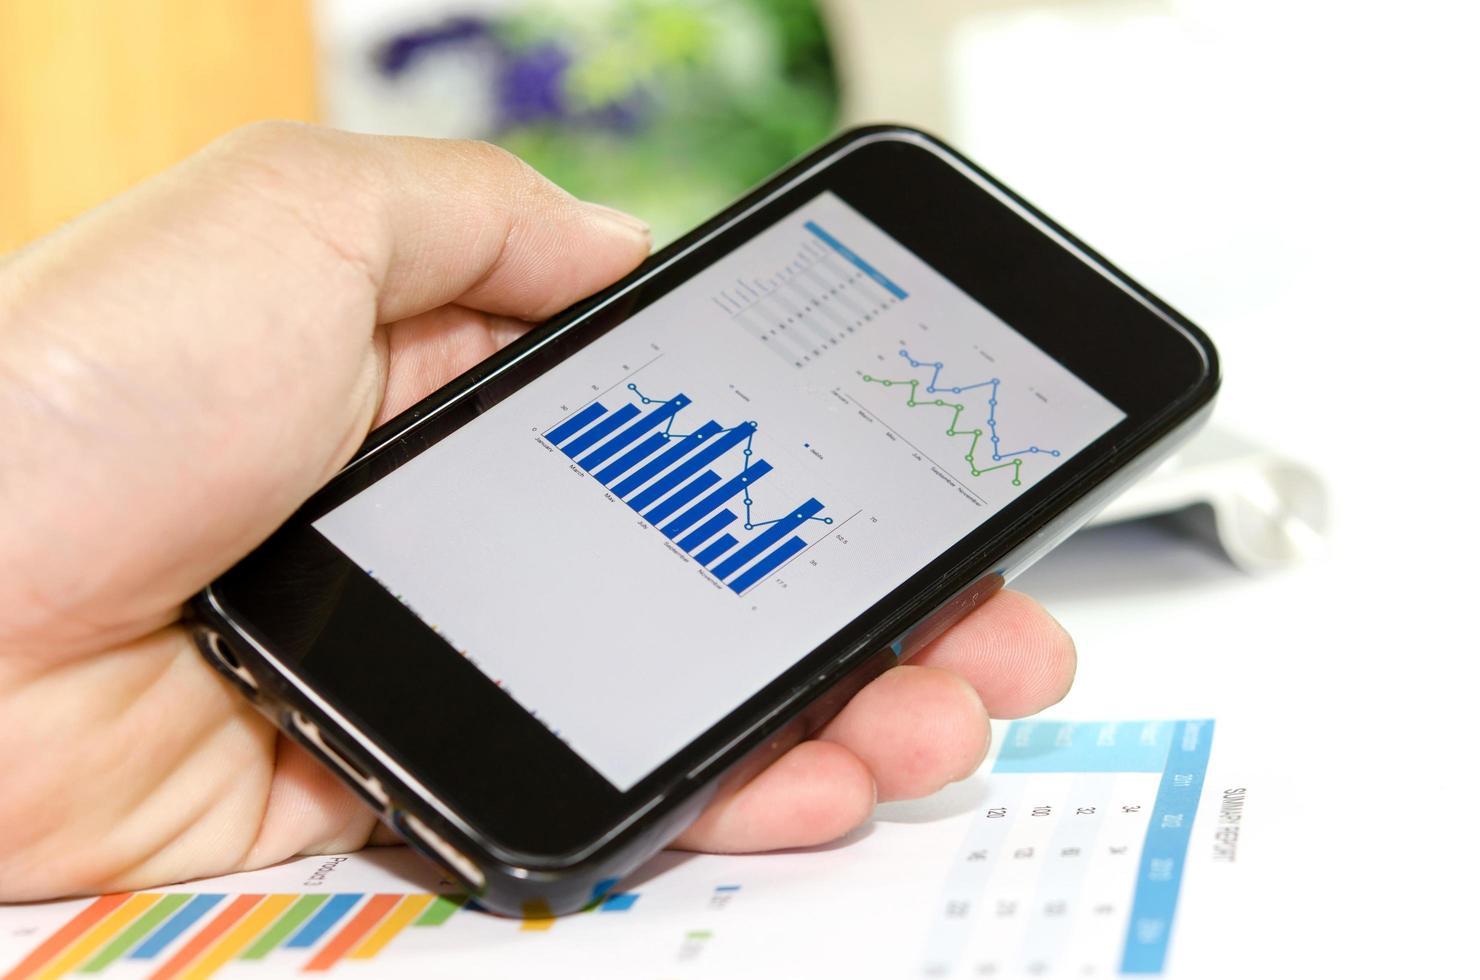 graphiques sur un smartphone photo